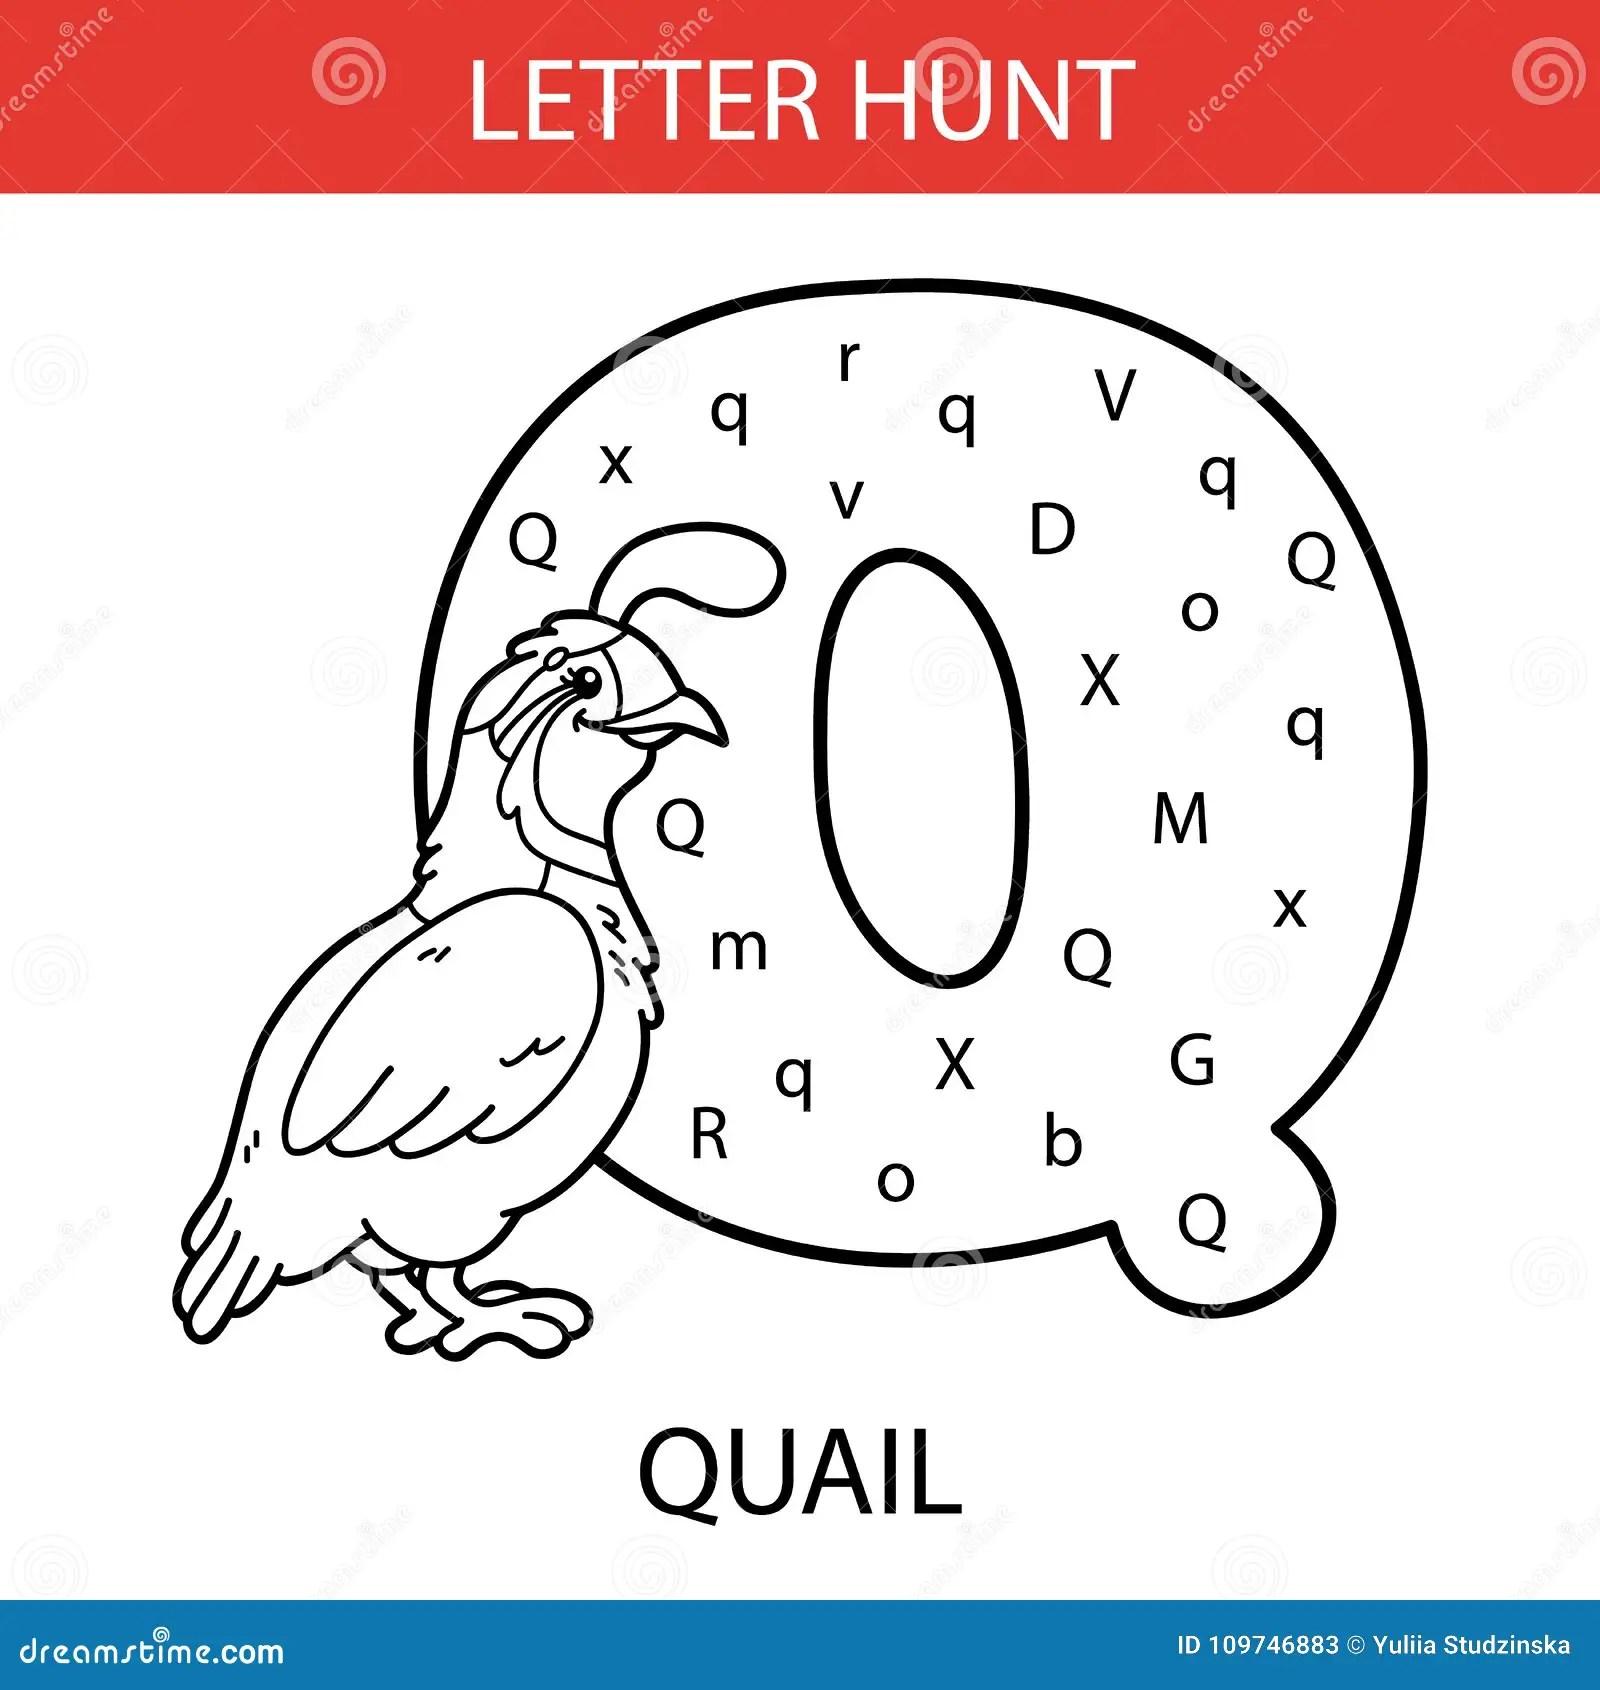 Animal Letter Hunt Quail Stock Vector Illustration Of